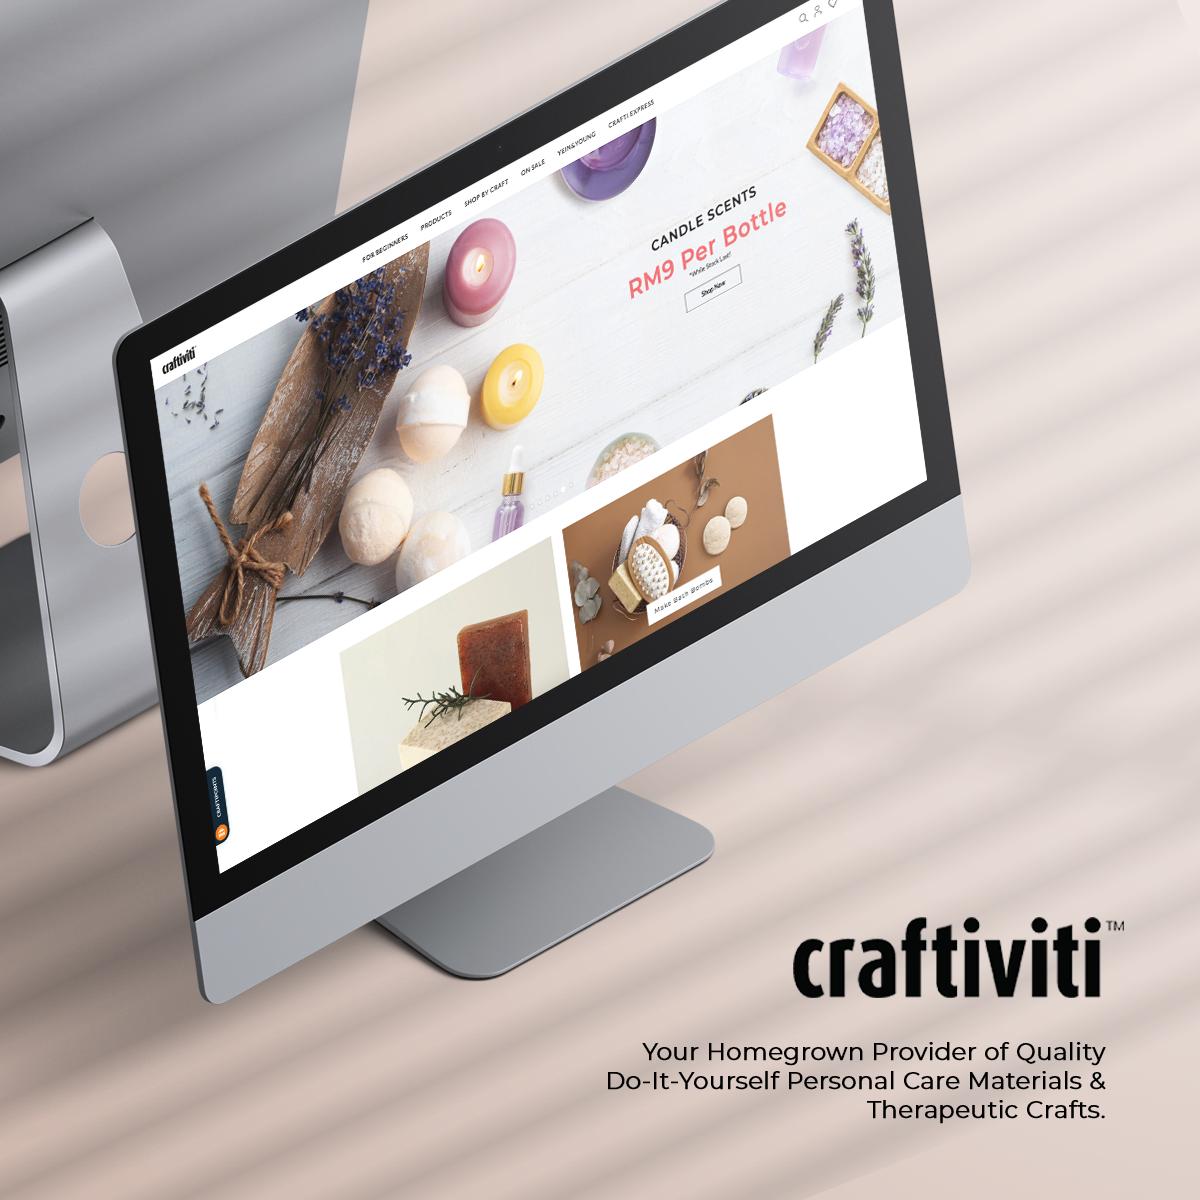 craftiviti.com